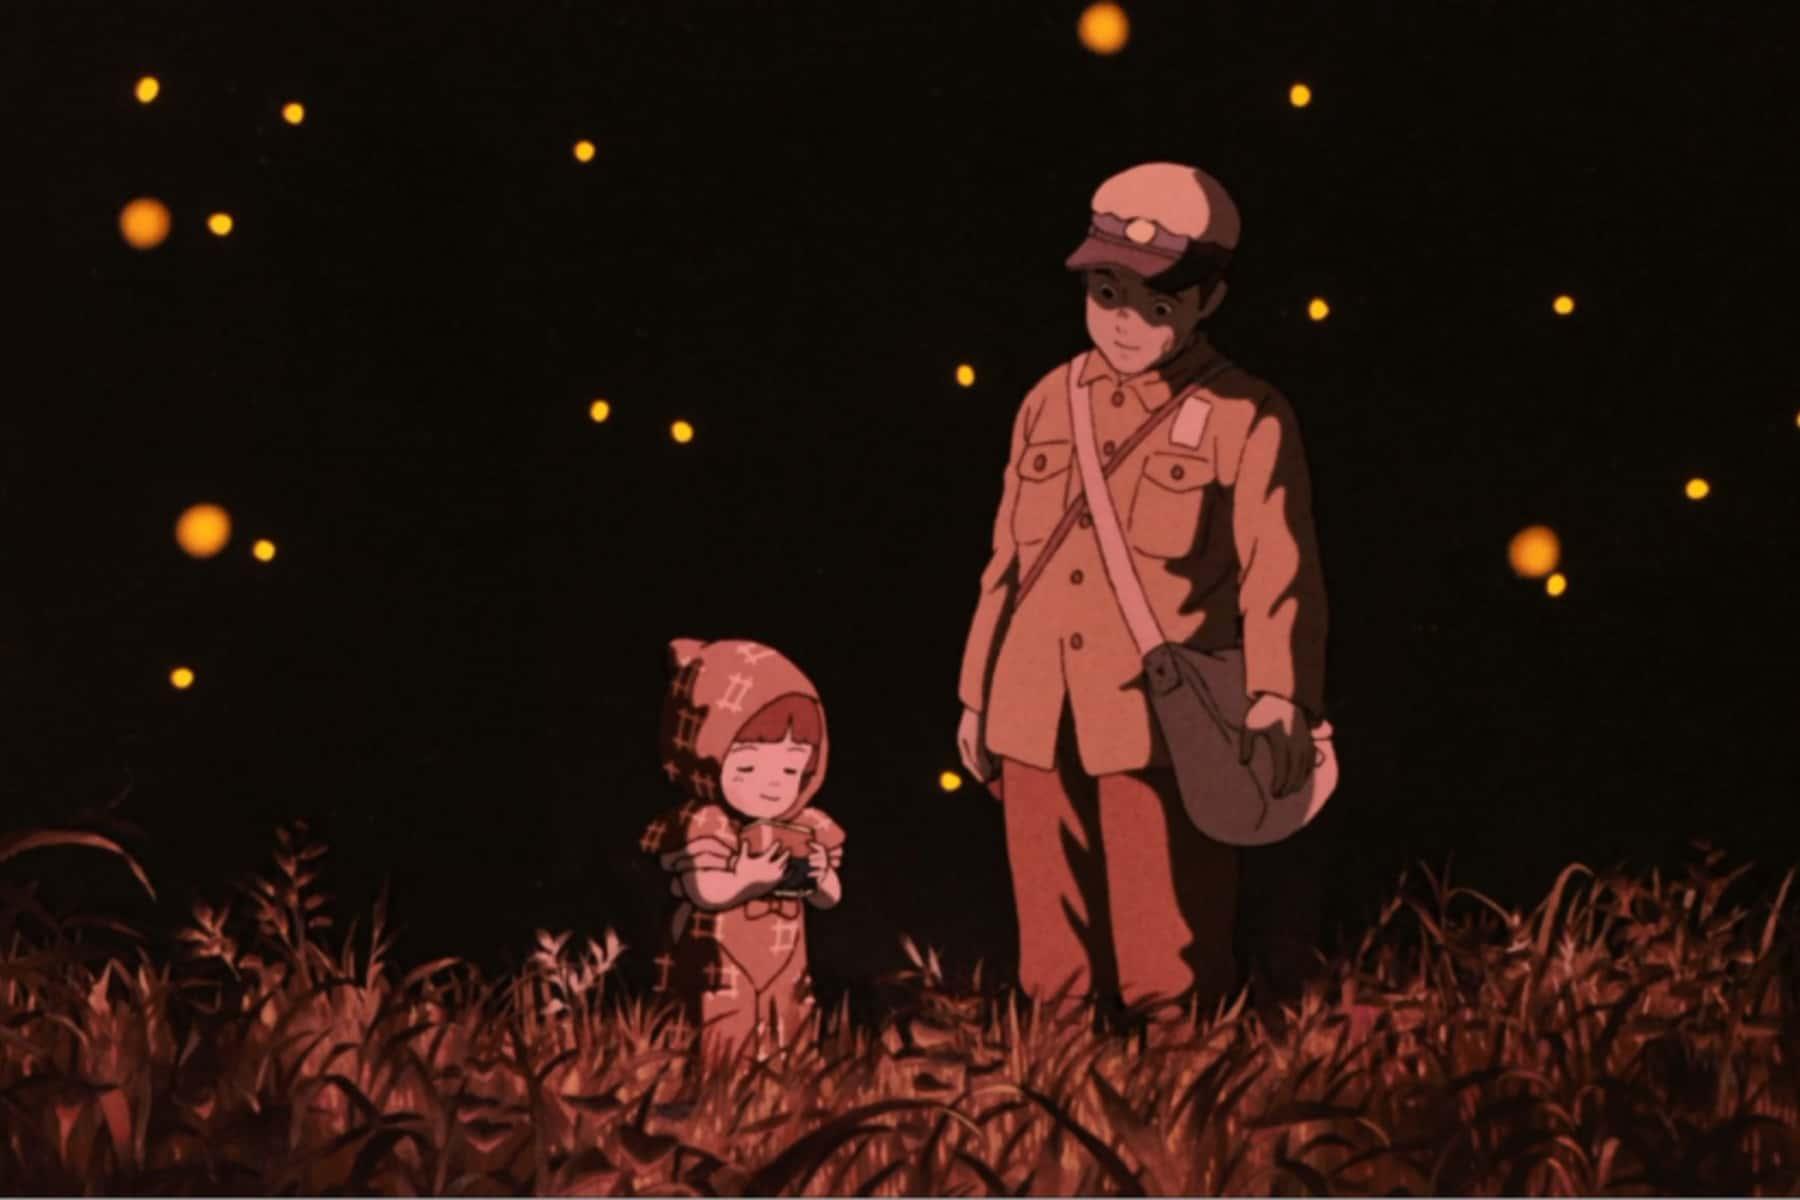 080320_gravefirefliesscene